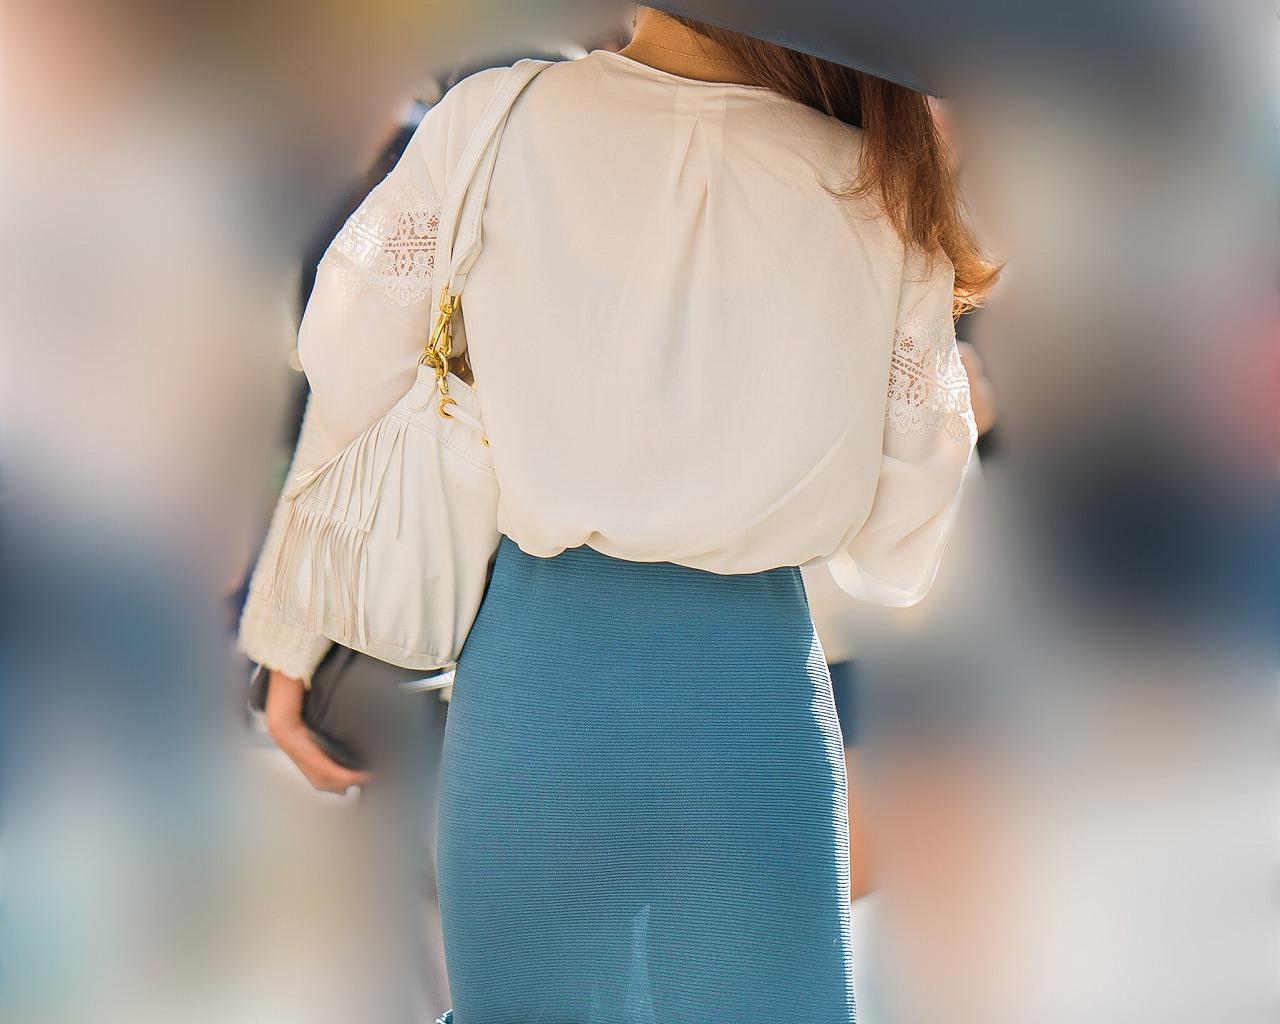 激エロ股透けお姉さん!マキシスカートにプリプリ美尻が最高エロい!